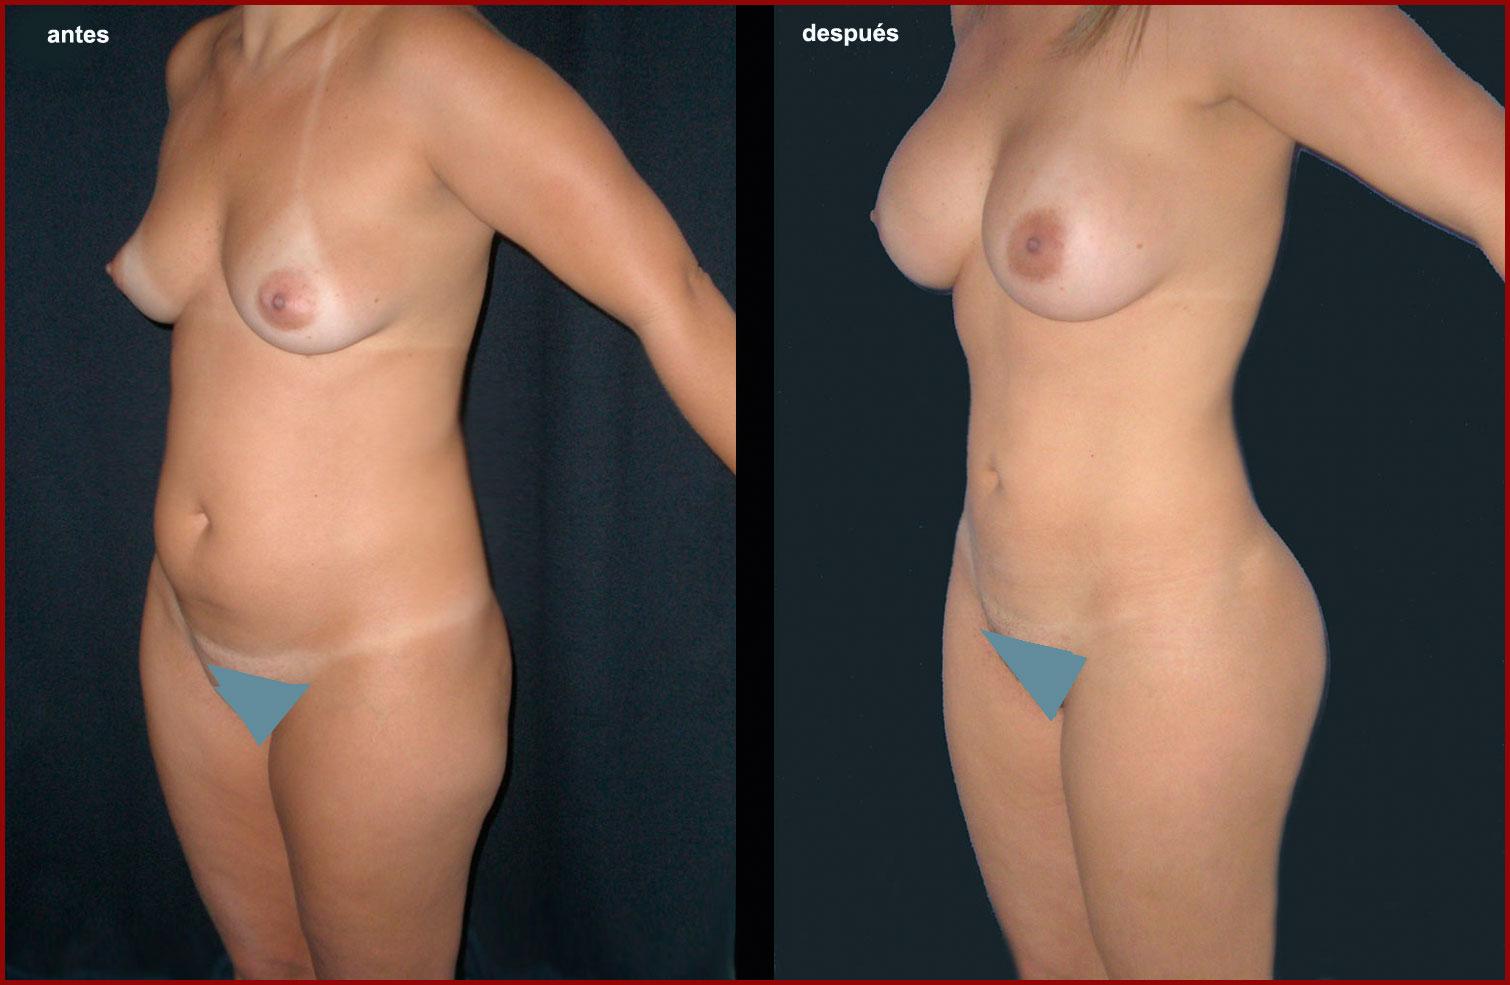 Descamarse la piel después de los granos sobre la persona